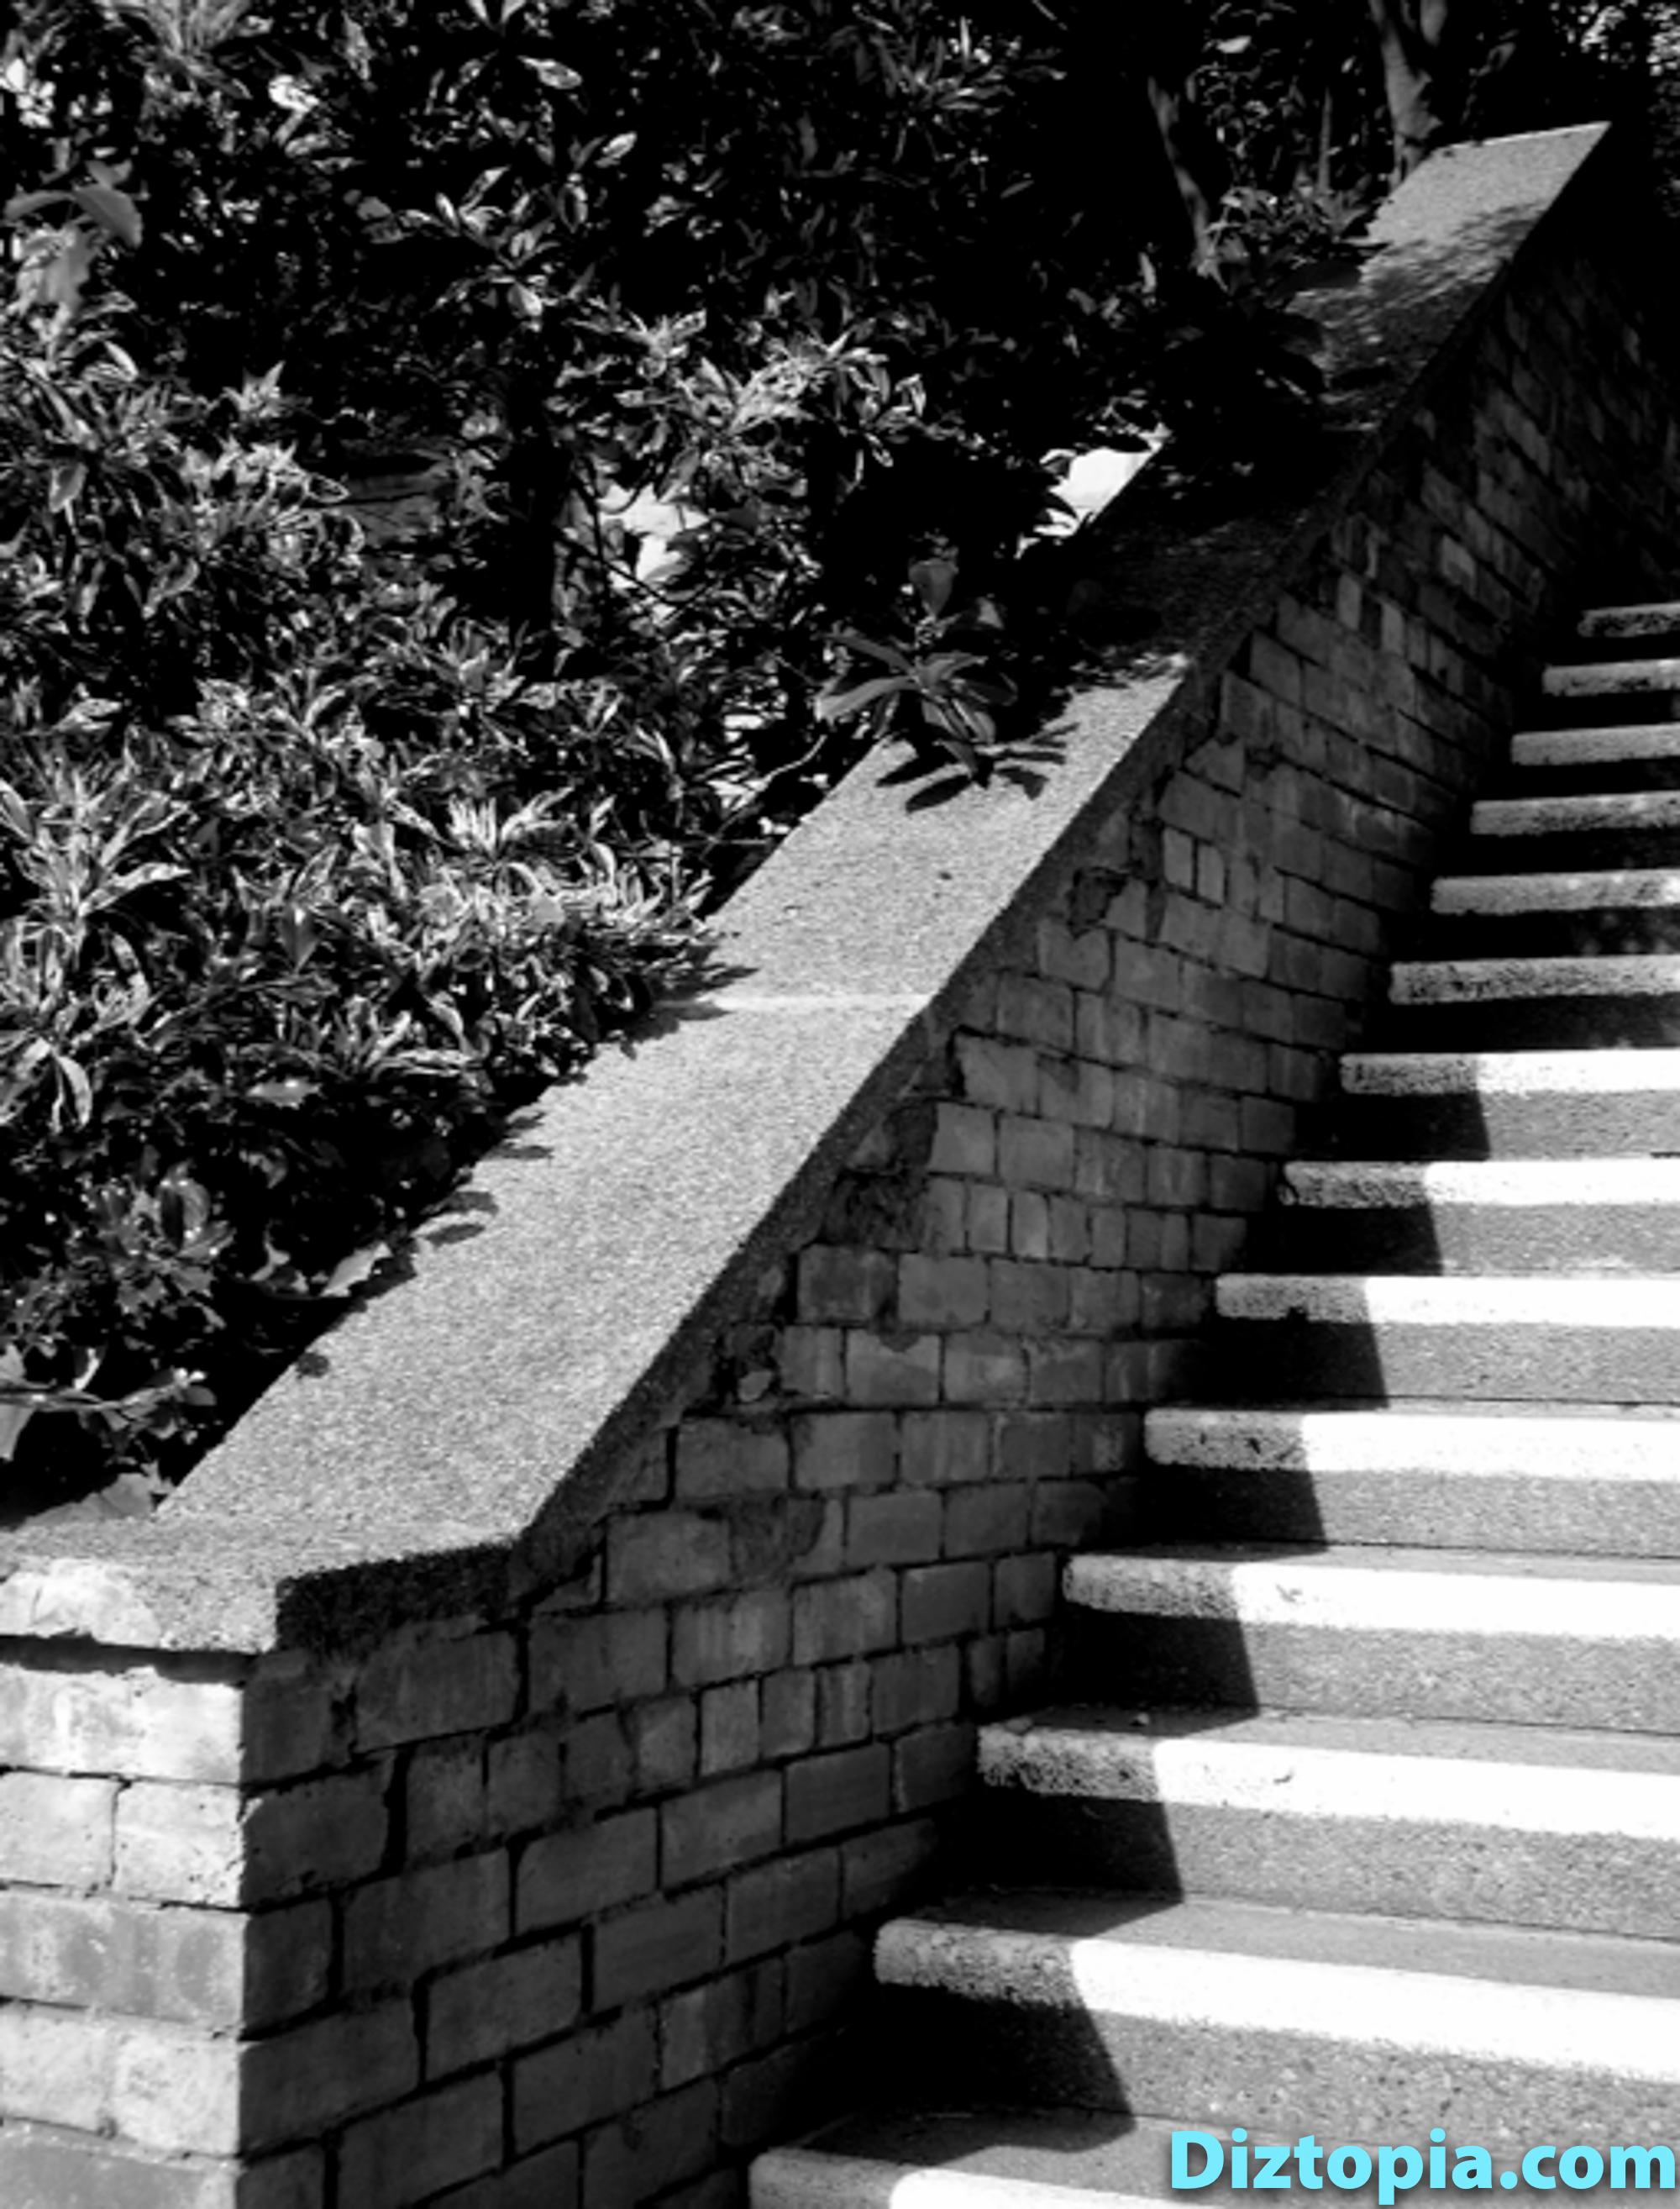 diztopia-com-dizma_dahl-photography-digicam-27